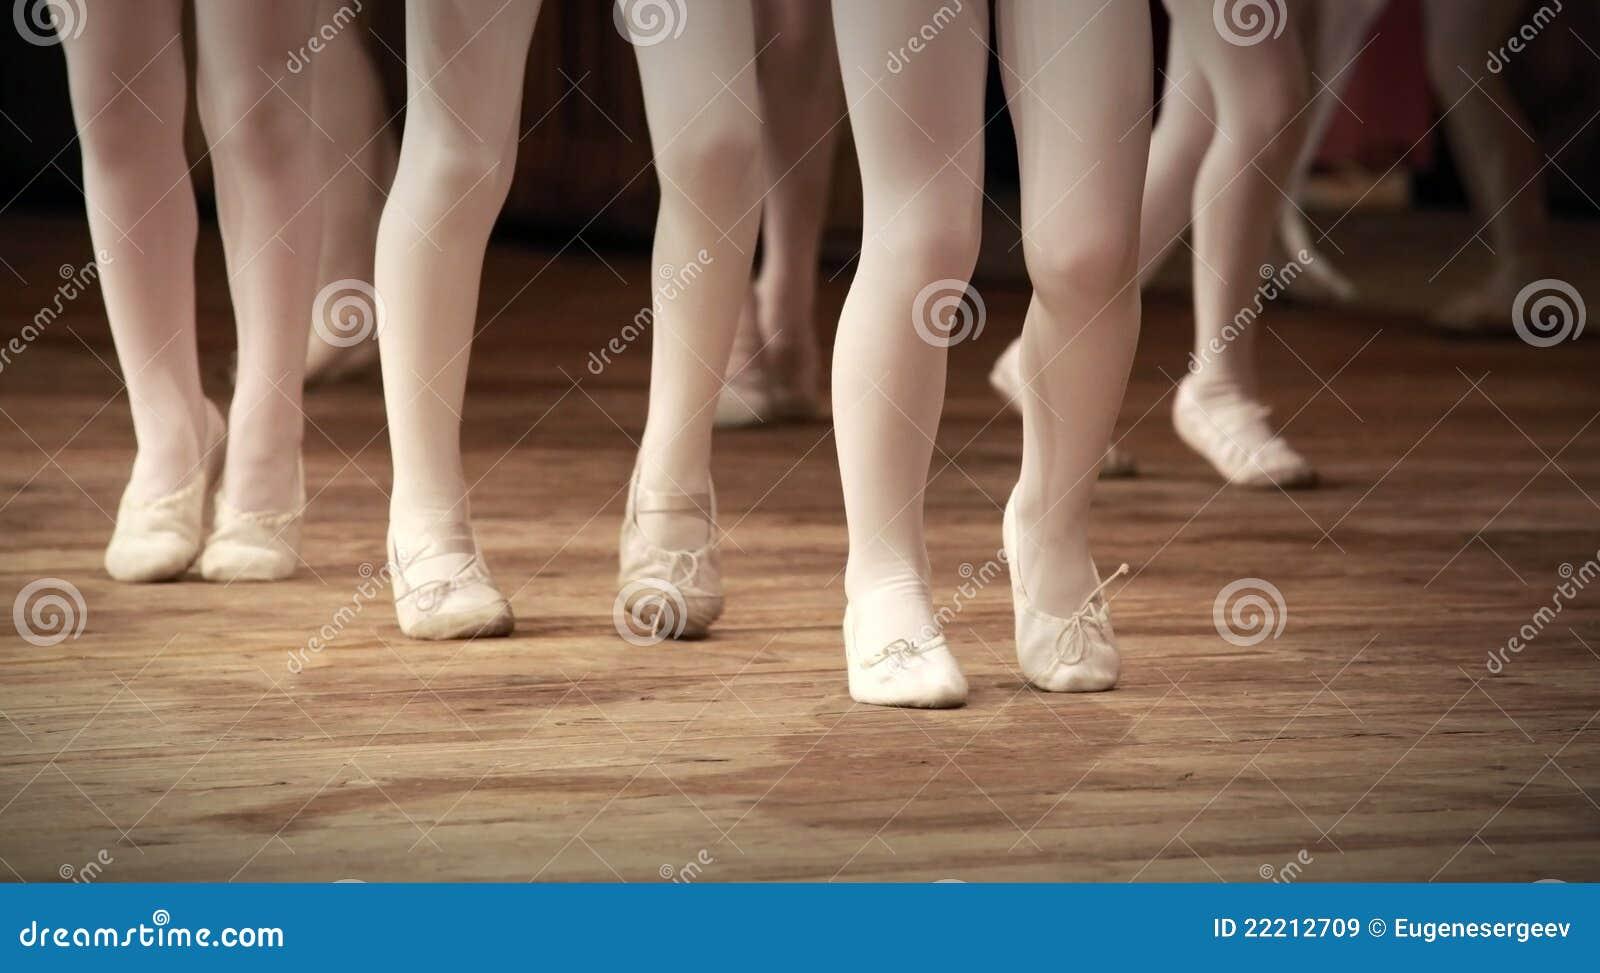 school girl long legs